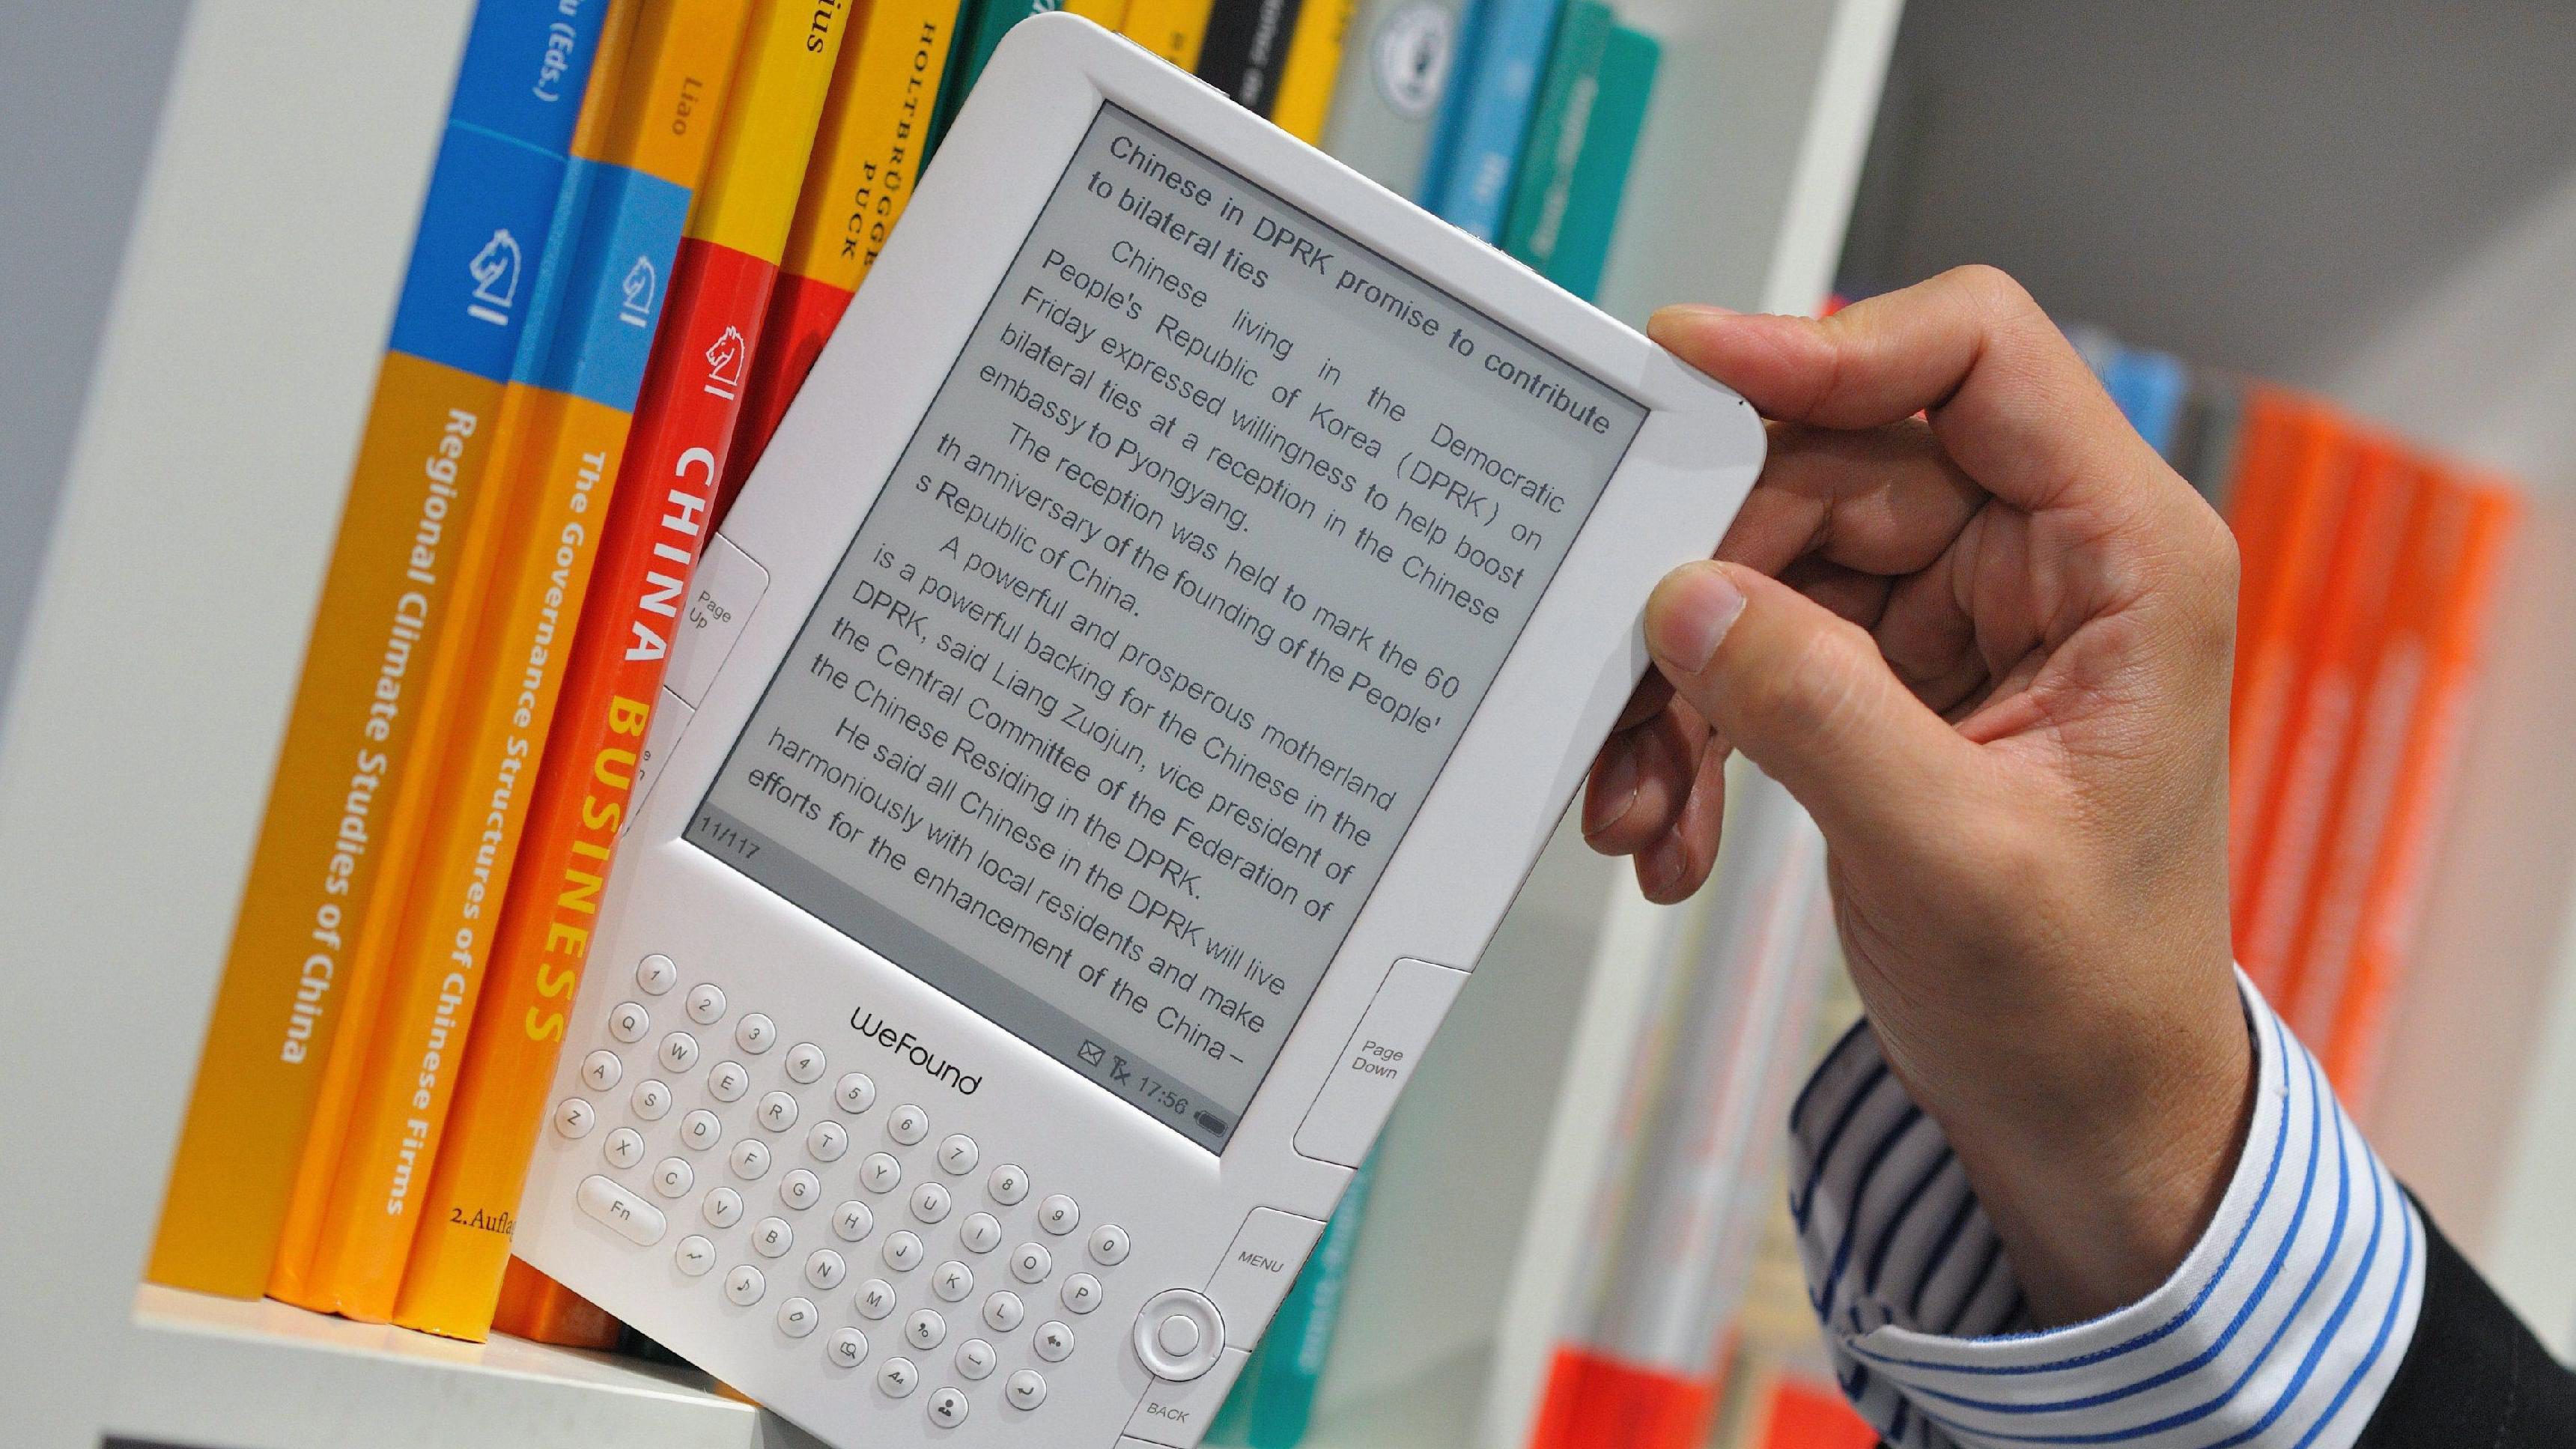 L'editoria digitale ha cambiato le nostre vite?